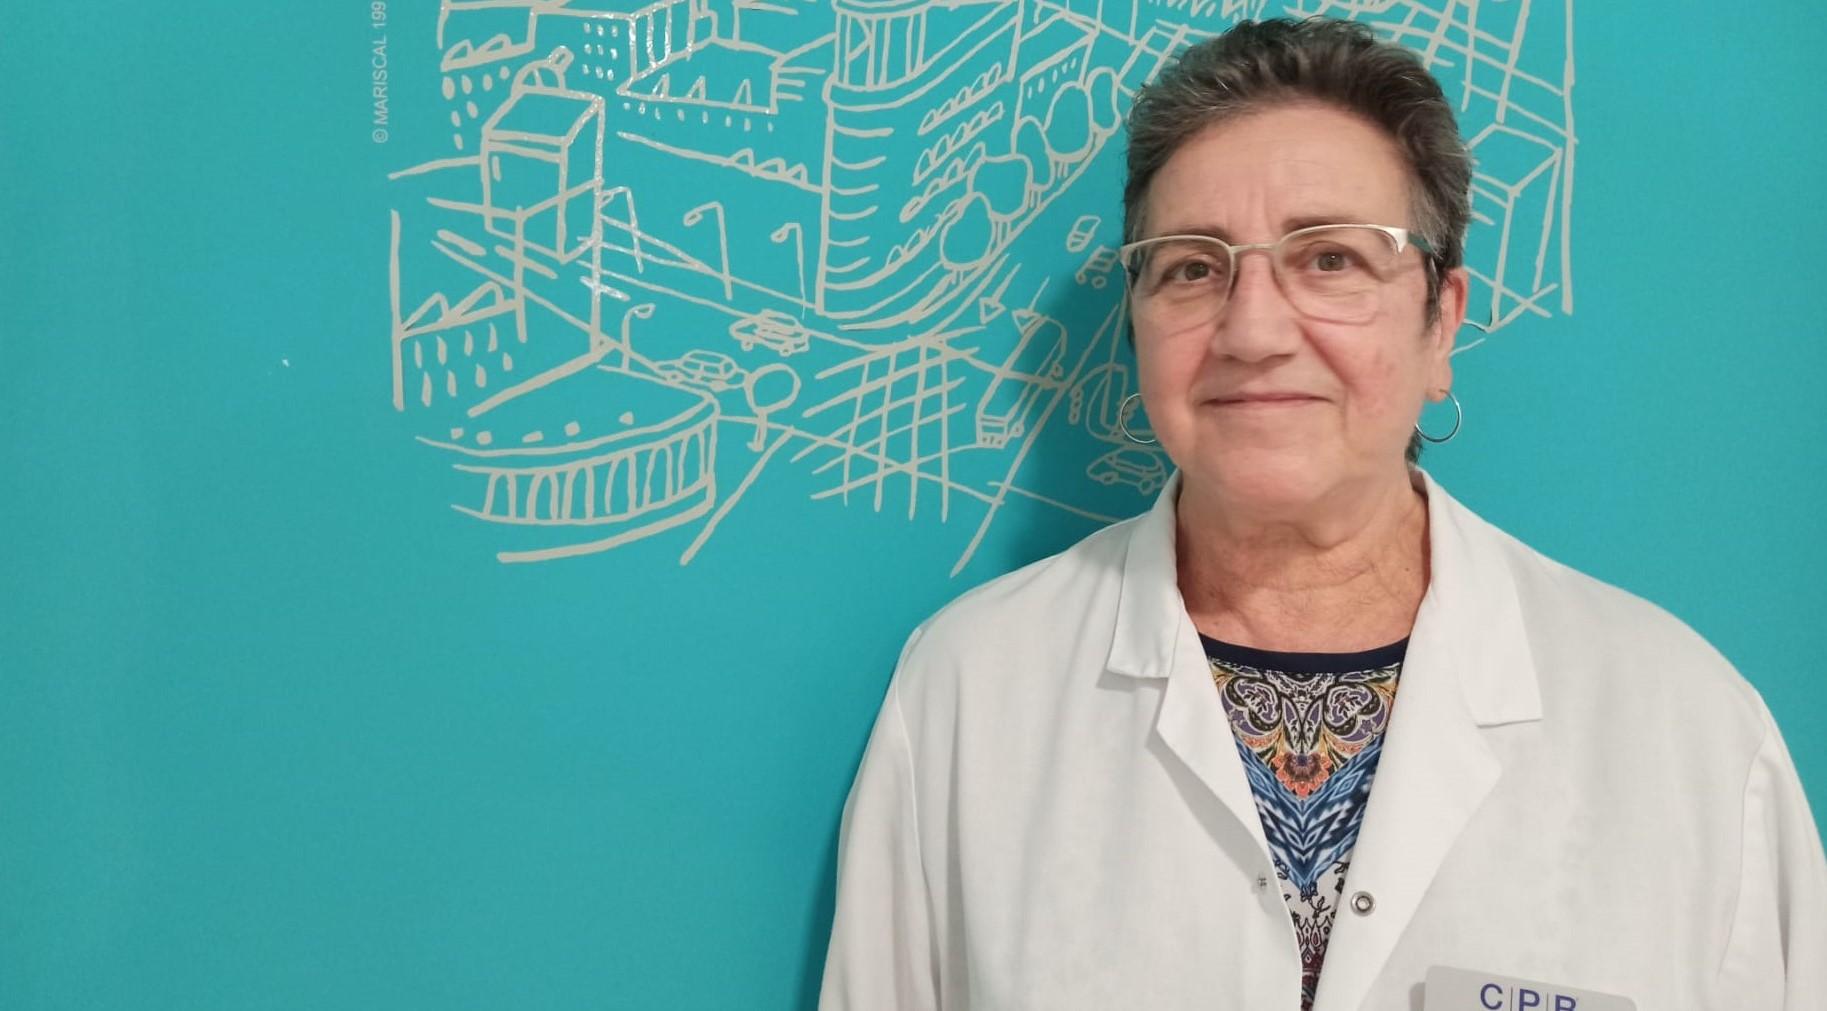 """Carmen Pinedo: """"Quan acabi la pandèmia, podrien augmentar els intents de suïcidi"""""""